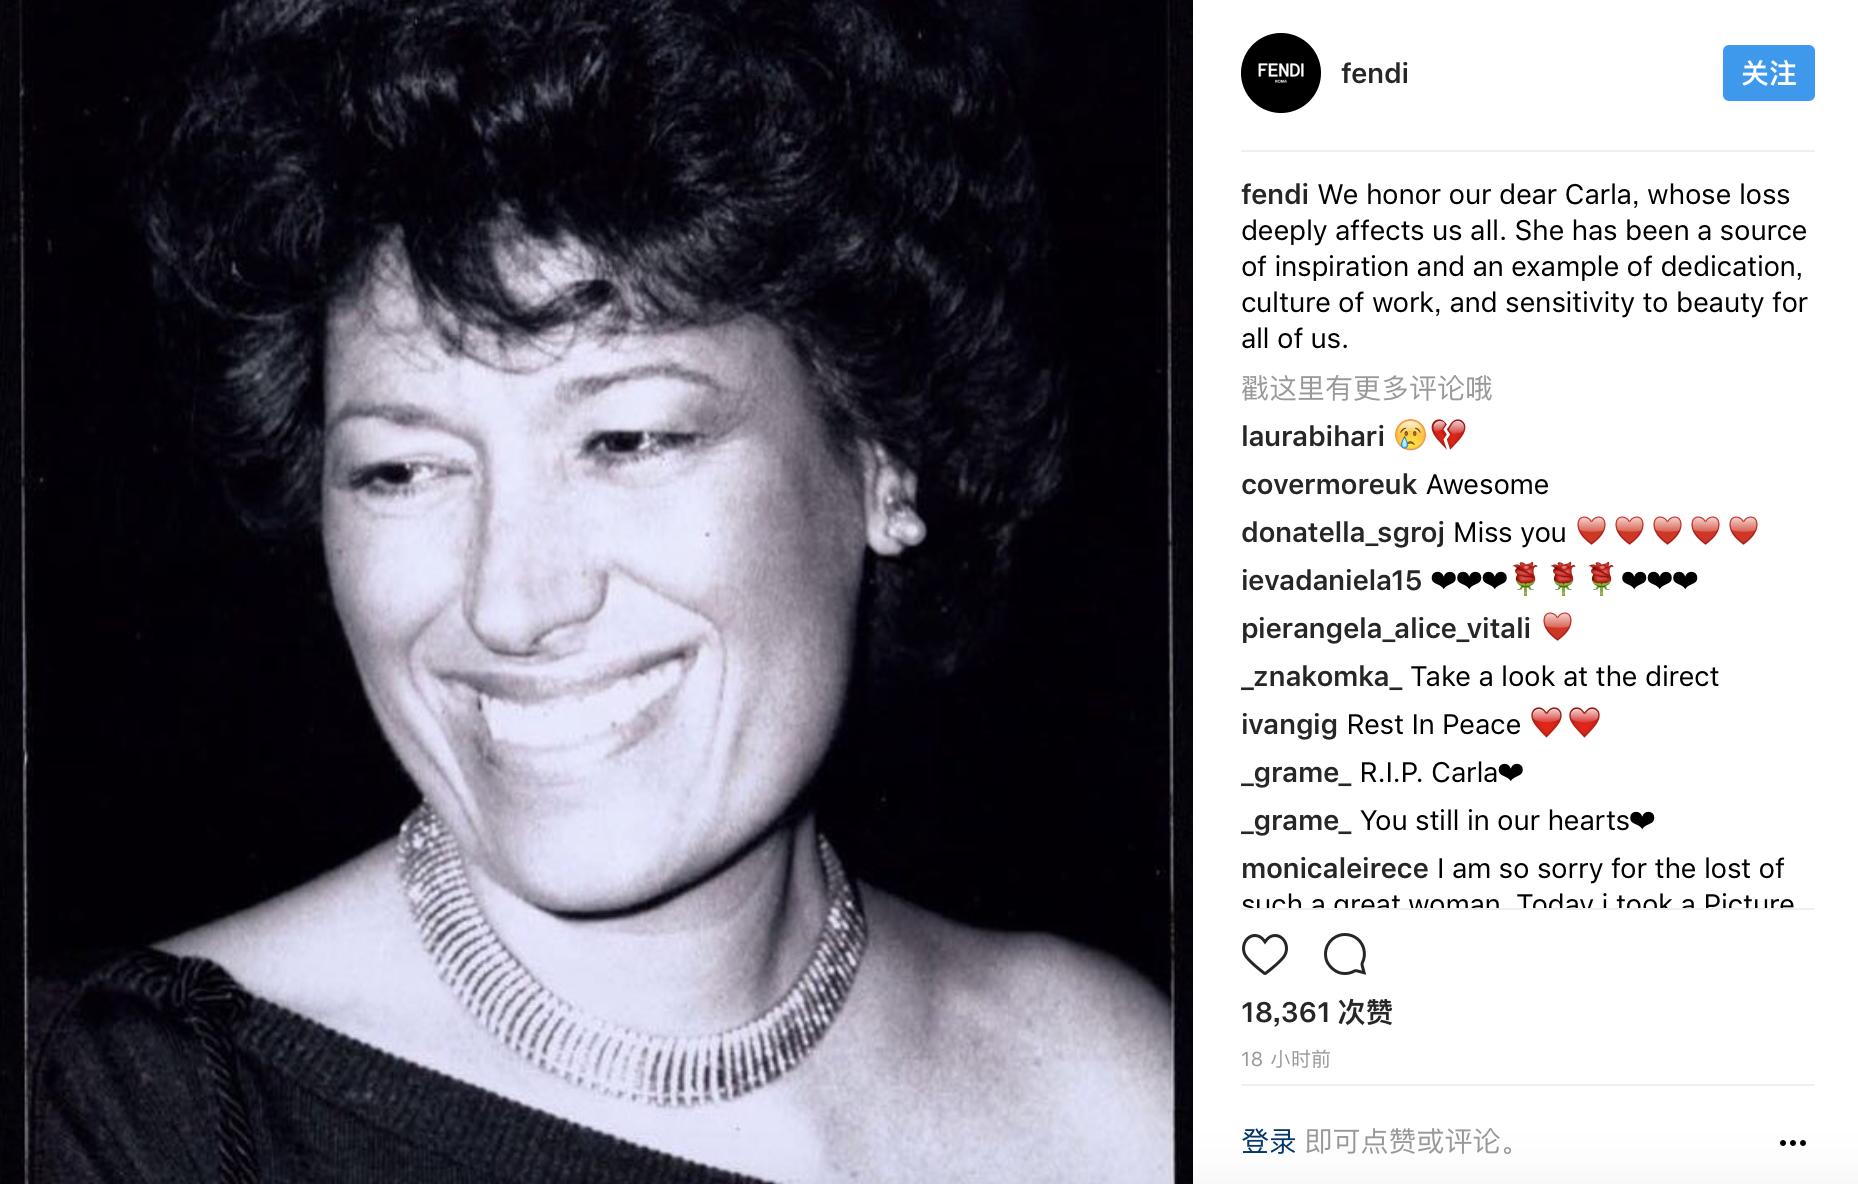 意大利奢侈品牌 Fendi 第二代传人 Carla Fendi 去世,享年 80岁